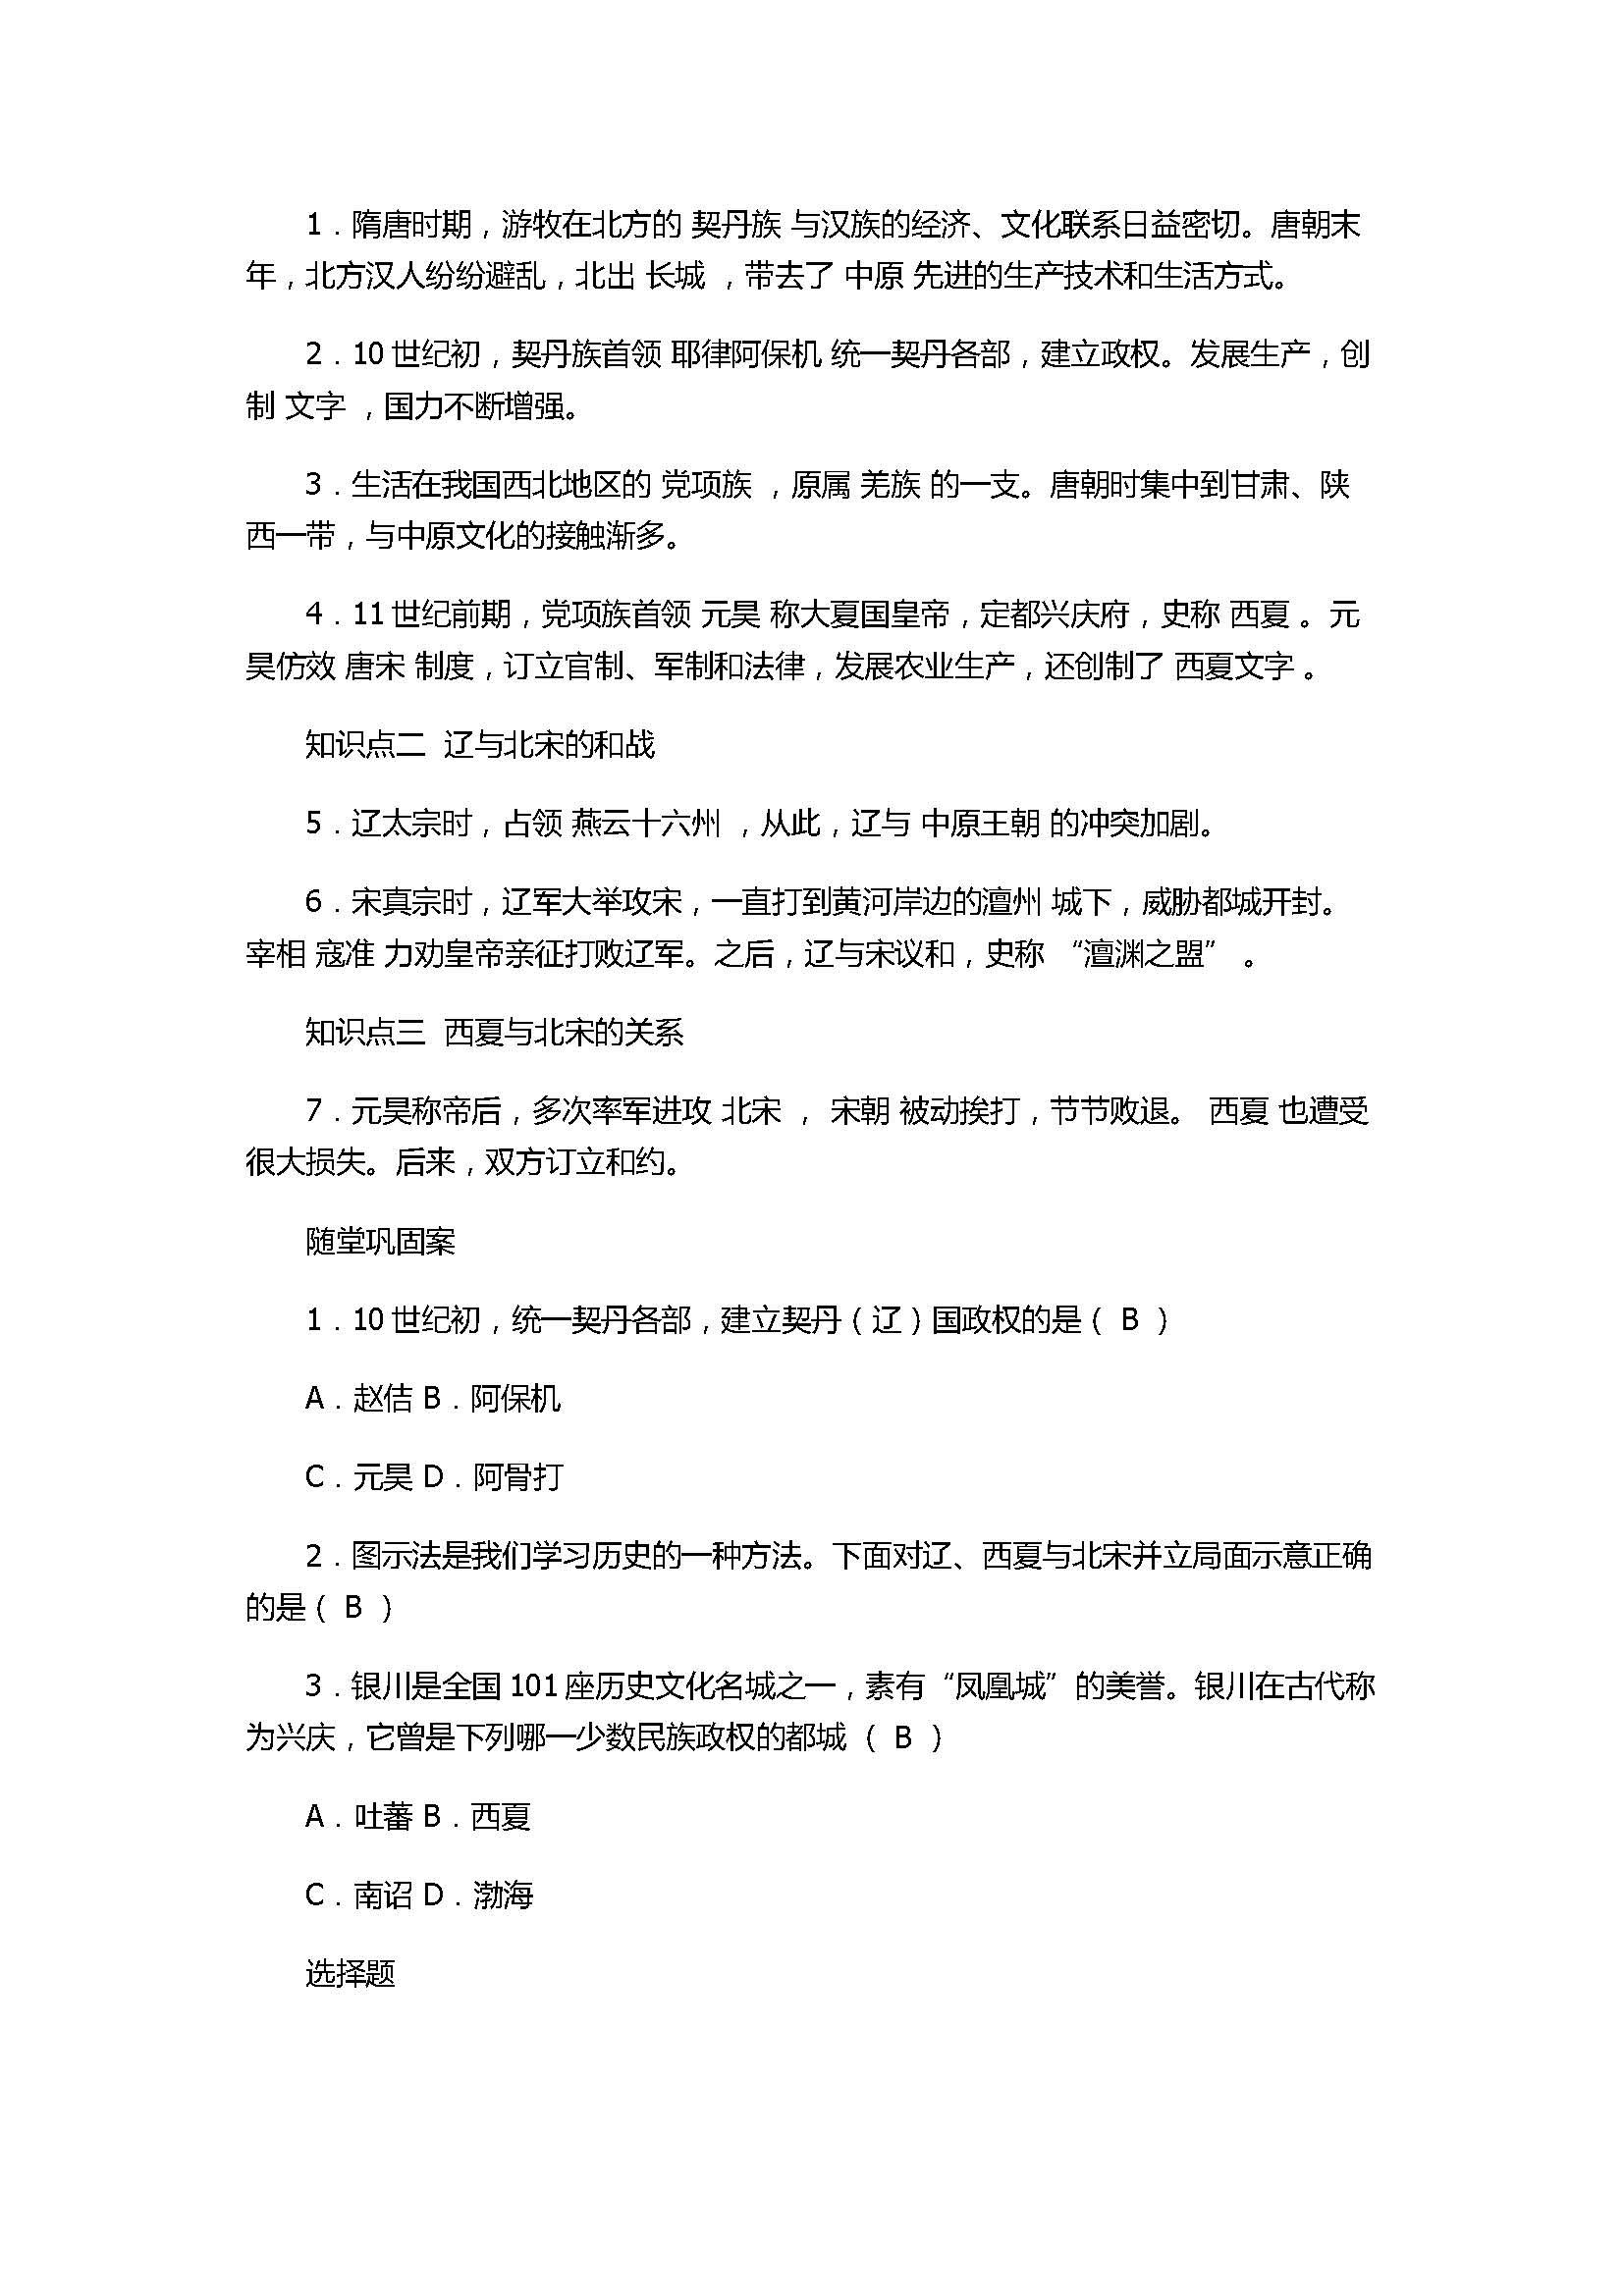 2017七年级下册历史《辽、西夏与北宋的并立》同步练习题附答案